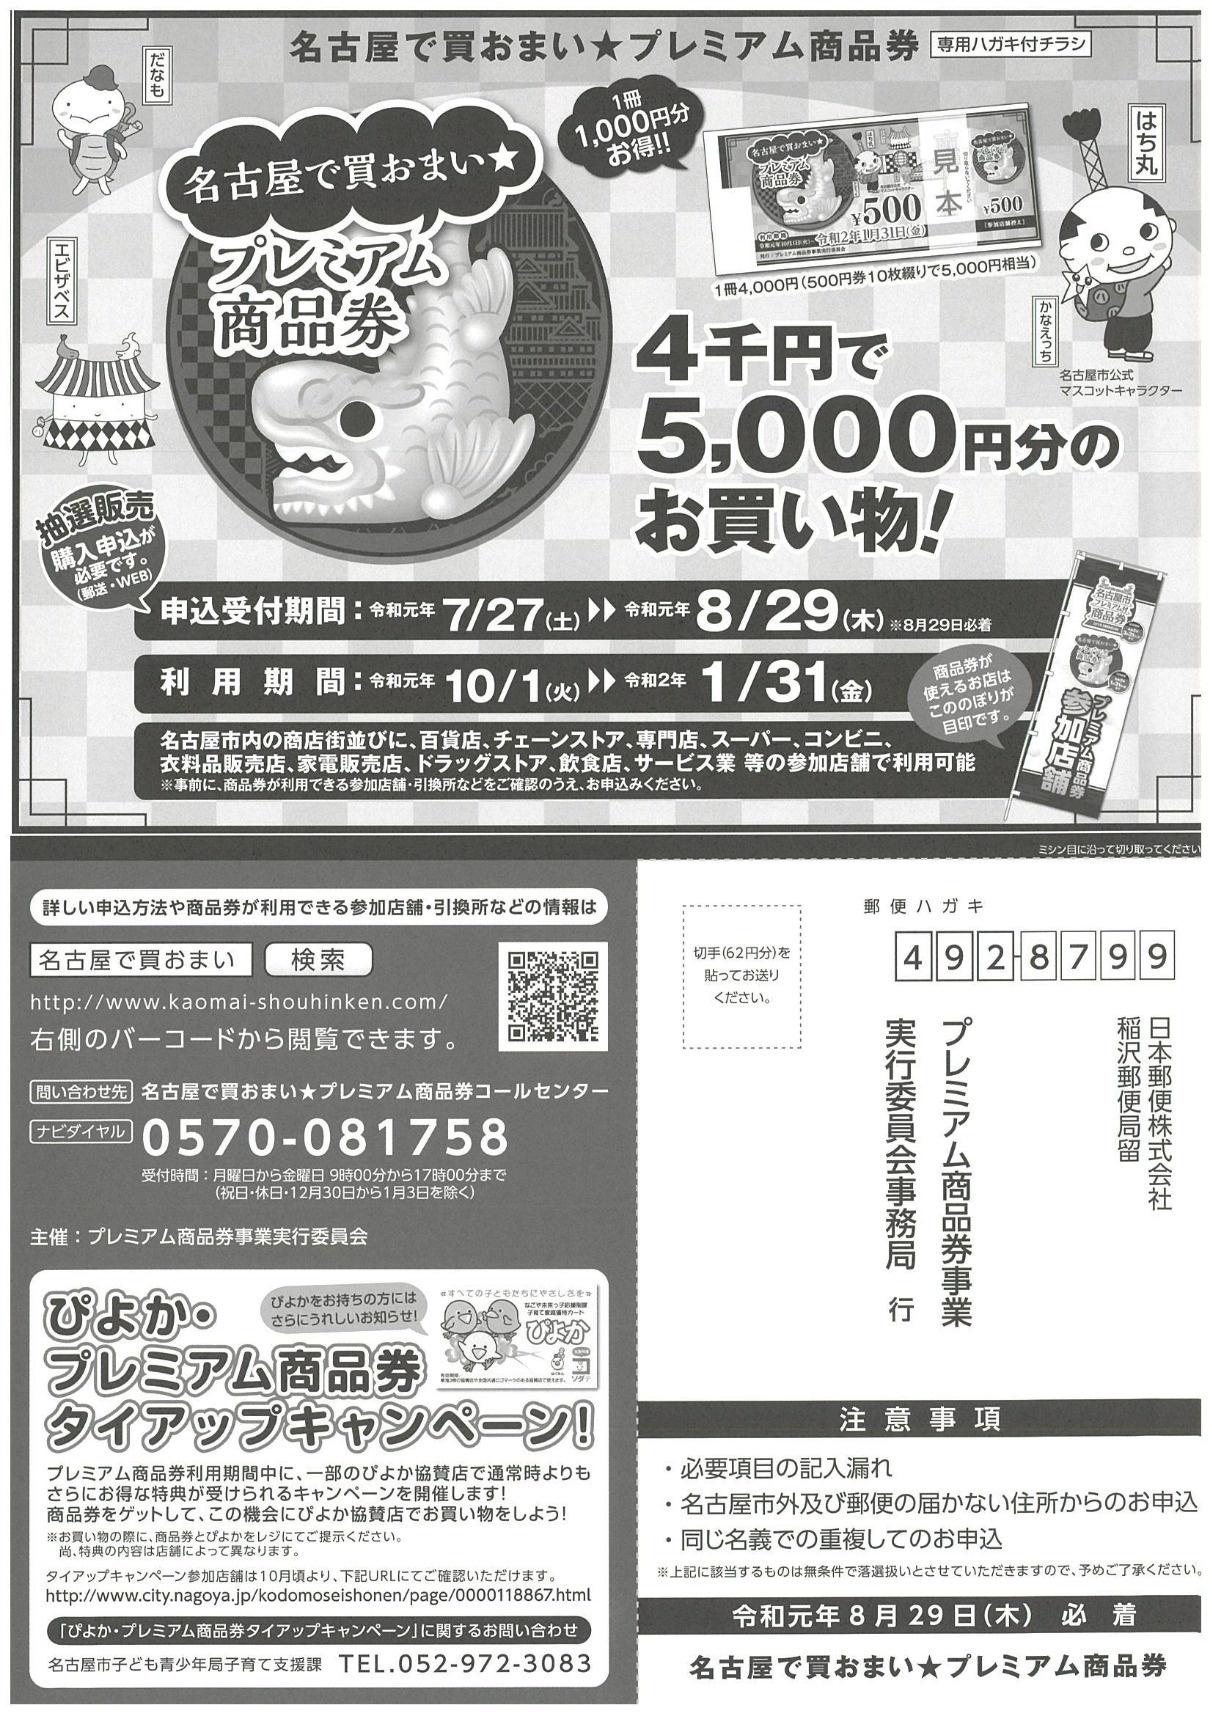 商品 プレミアム 名古屋 券 2019 市